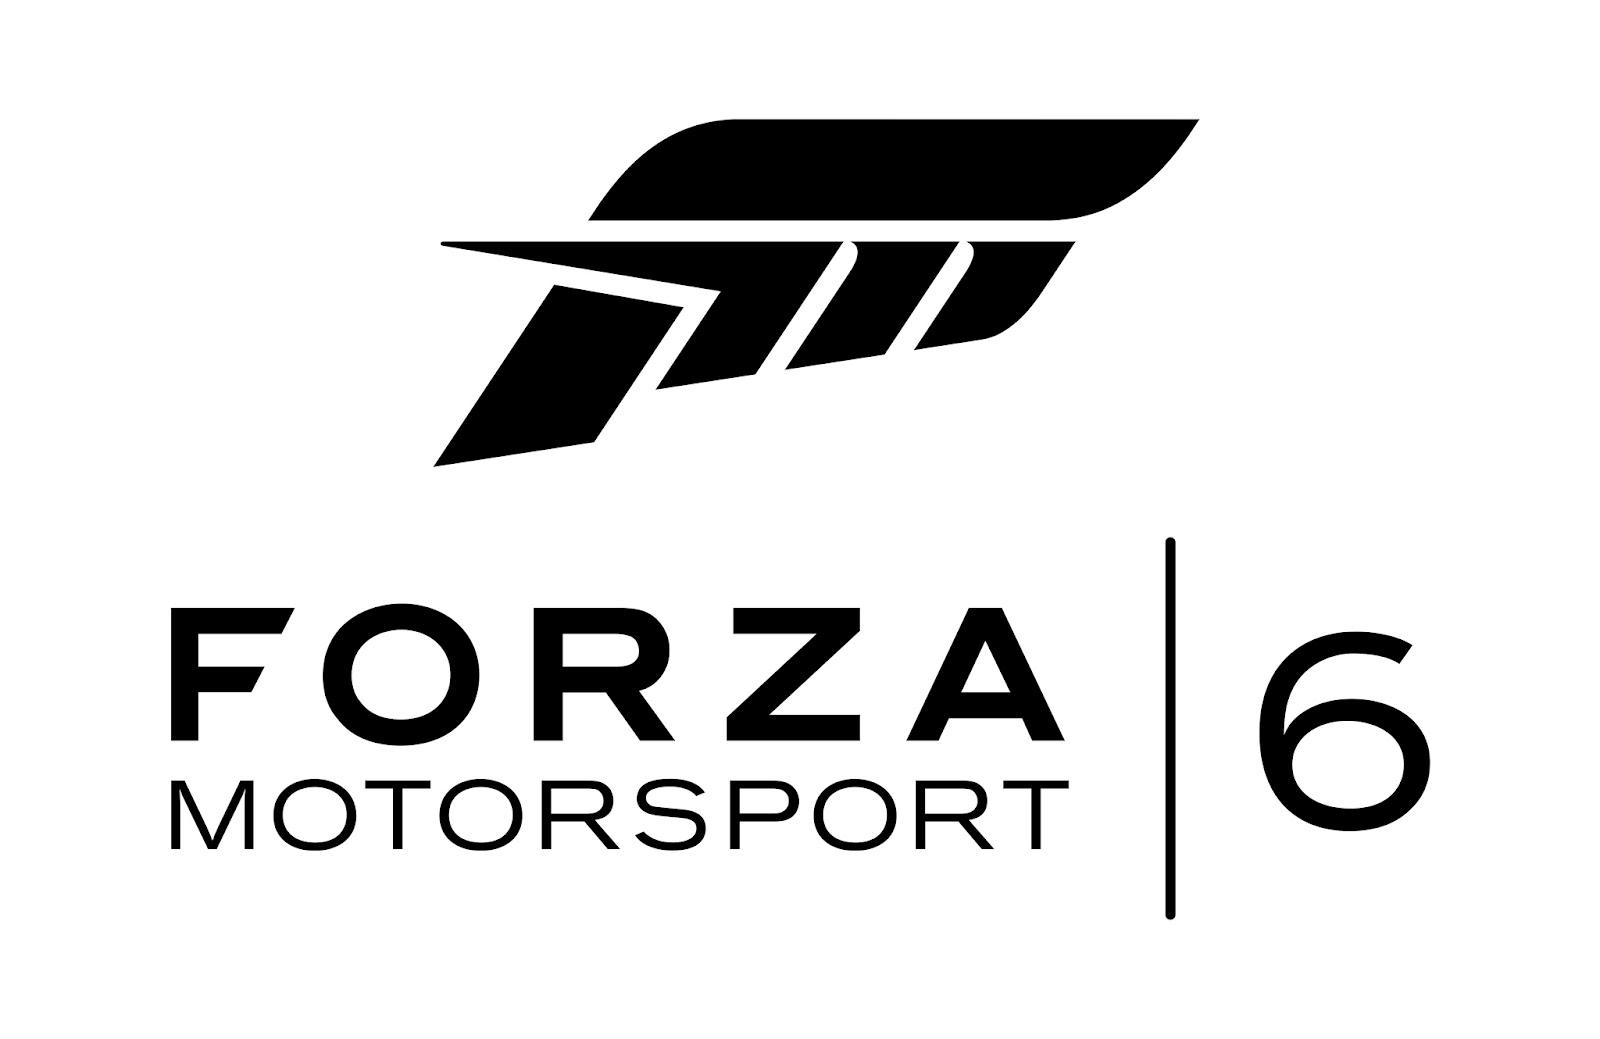 Forza Motorsport 6 E Anunciado Para O Xbox One